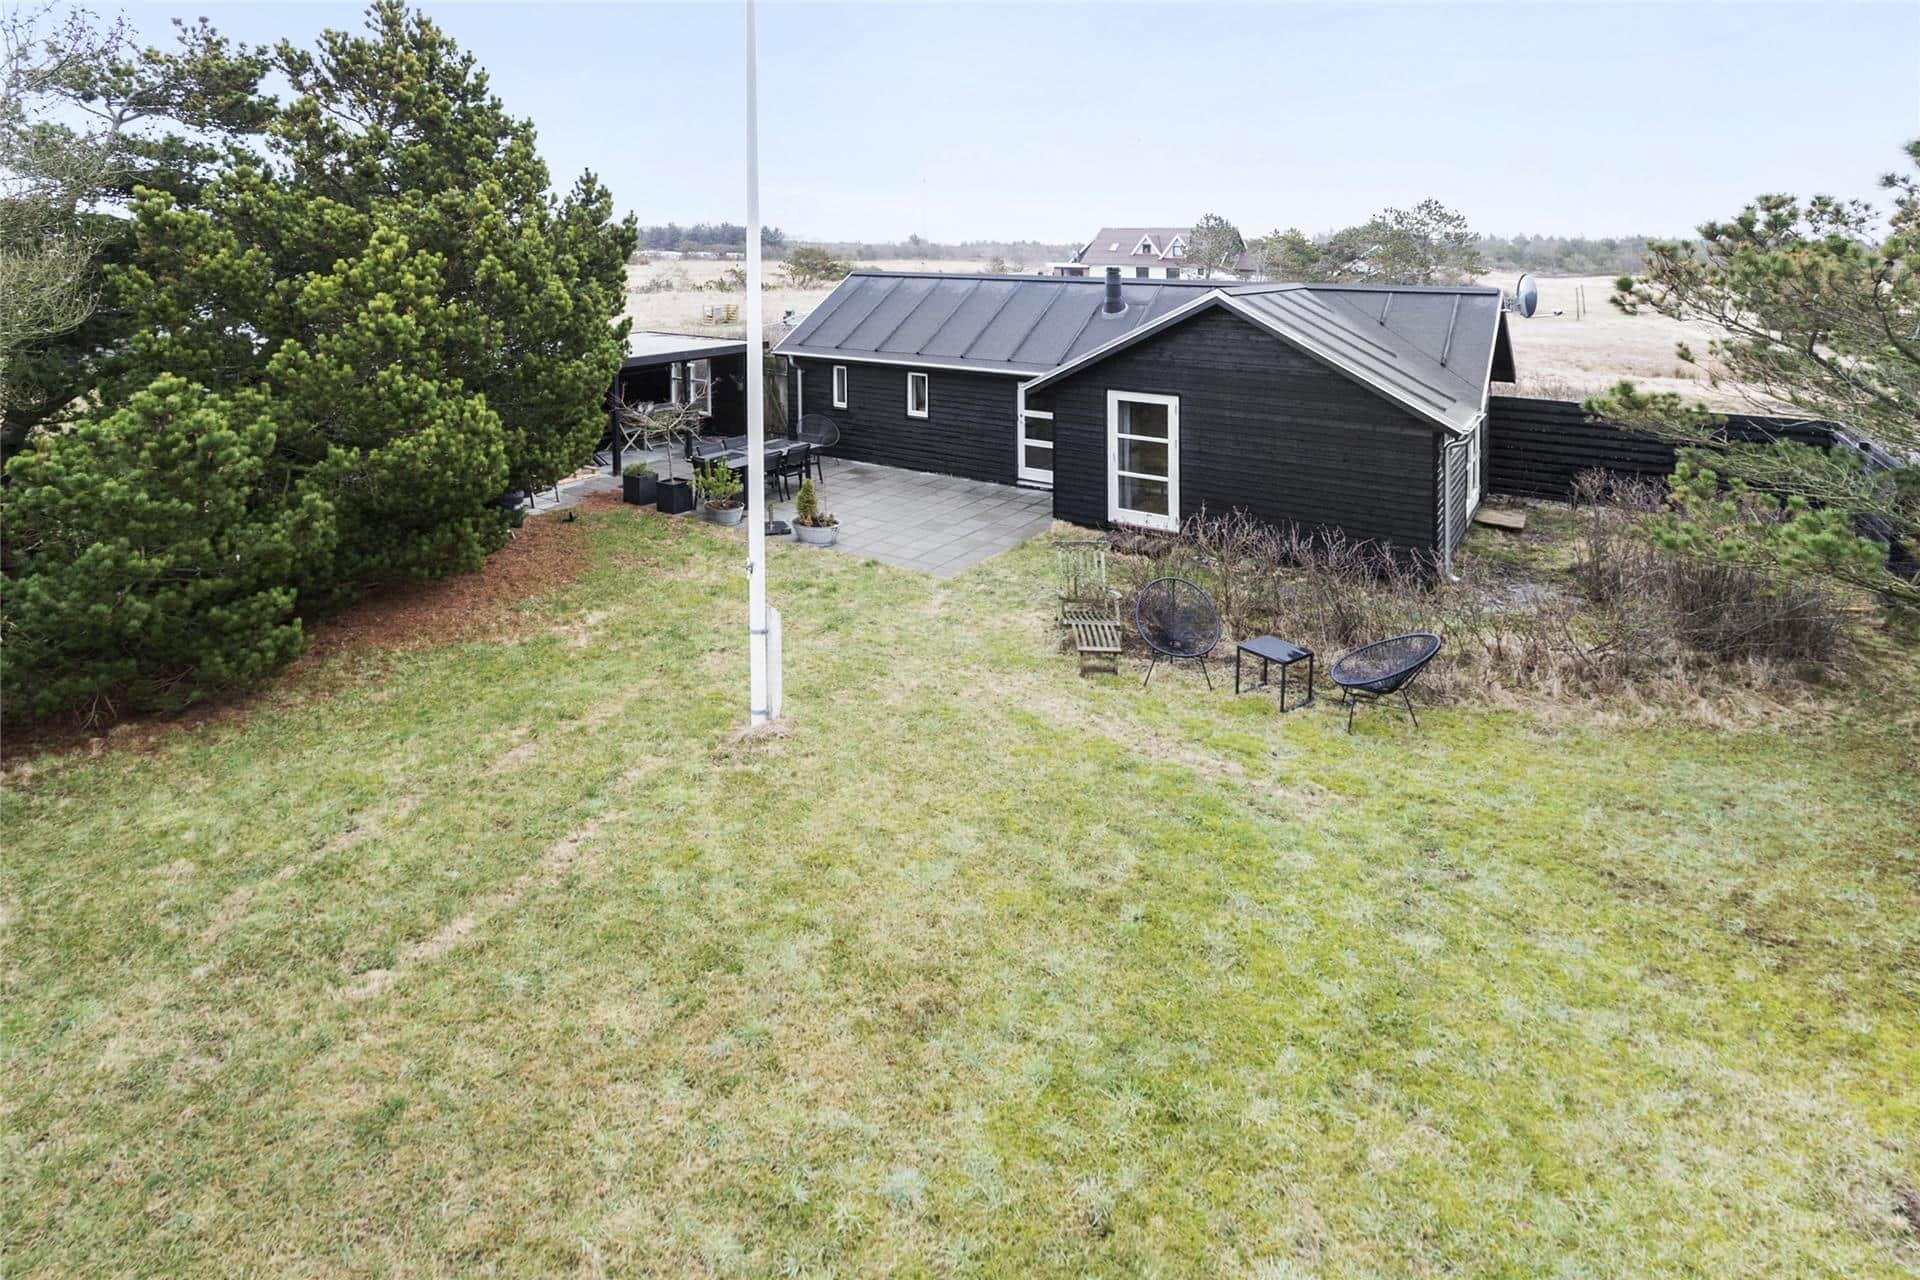 Image 1-13 Holiday-home 717, Istrupvej 36, DK - 7752 Snedsted